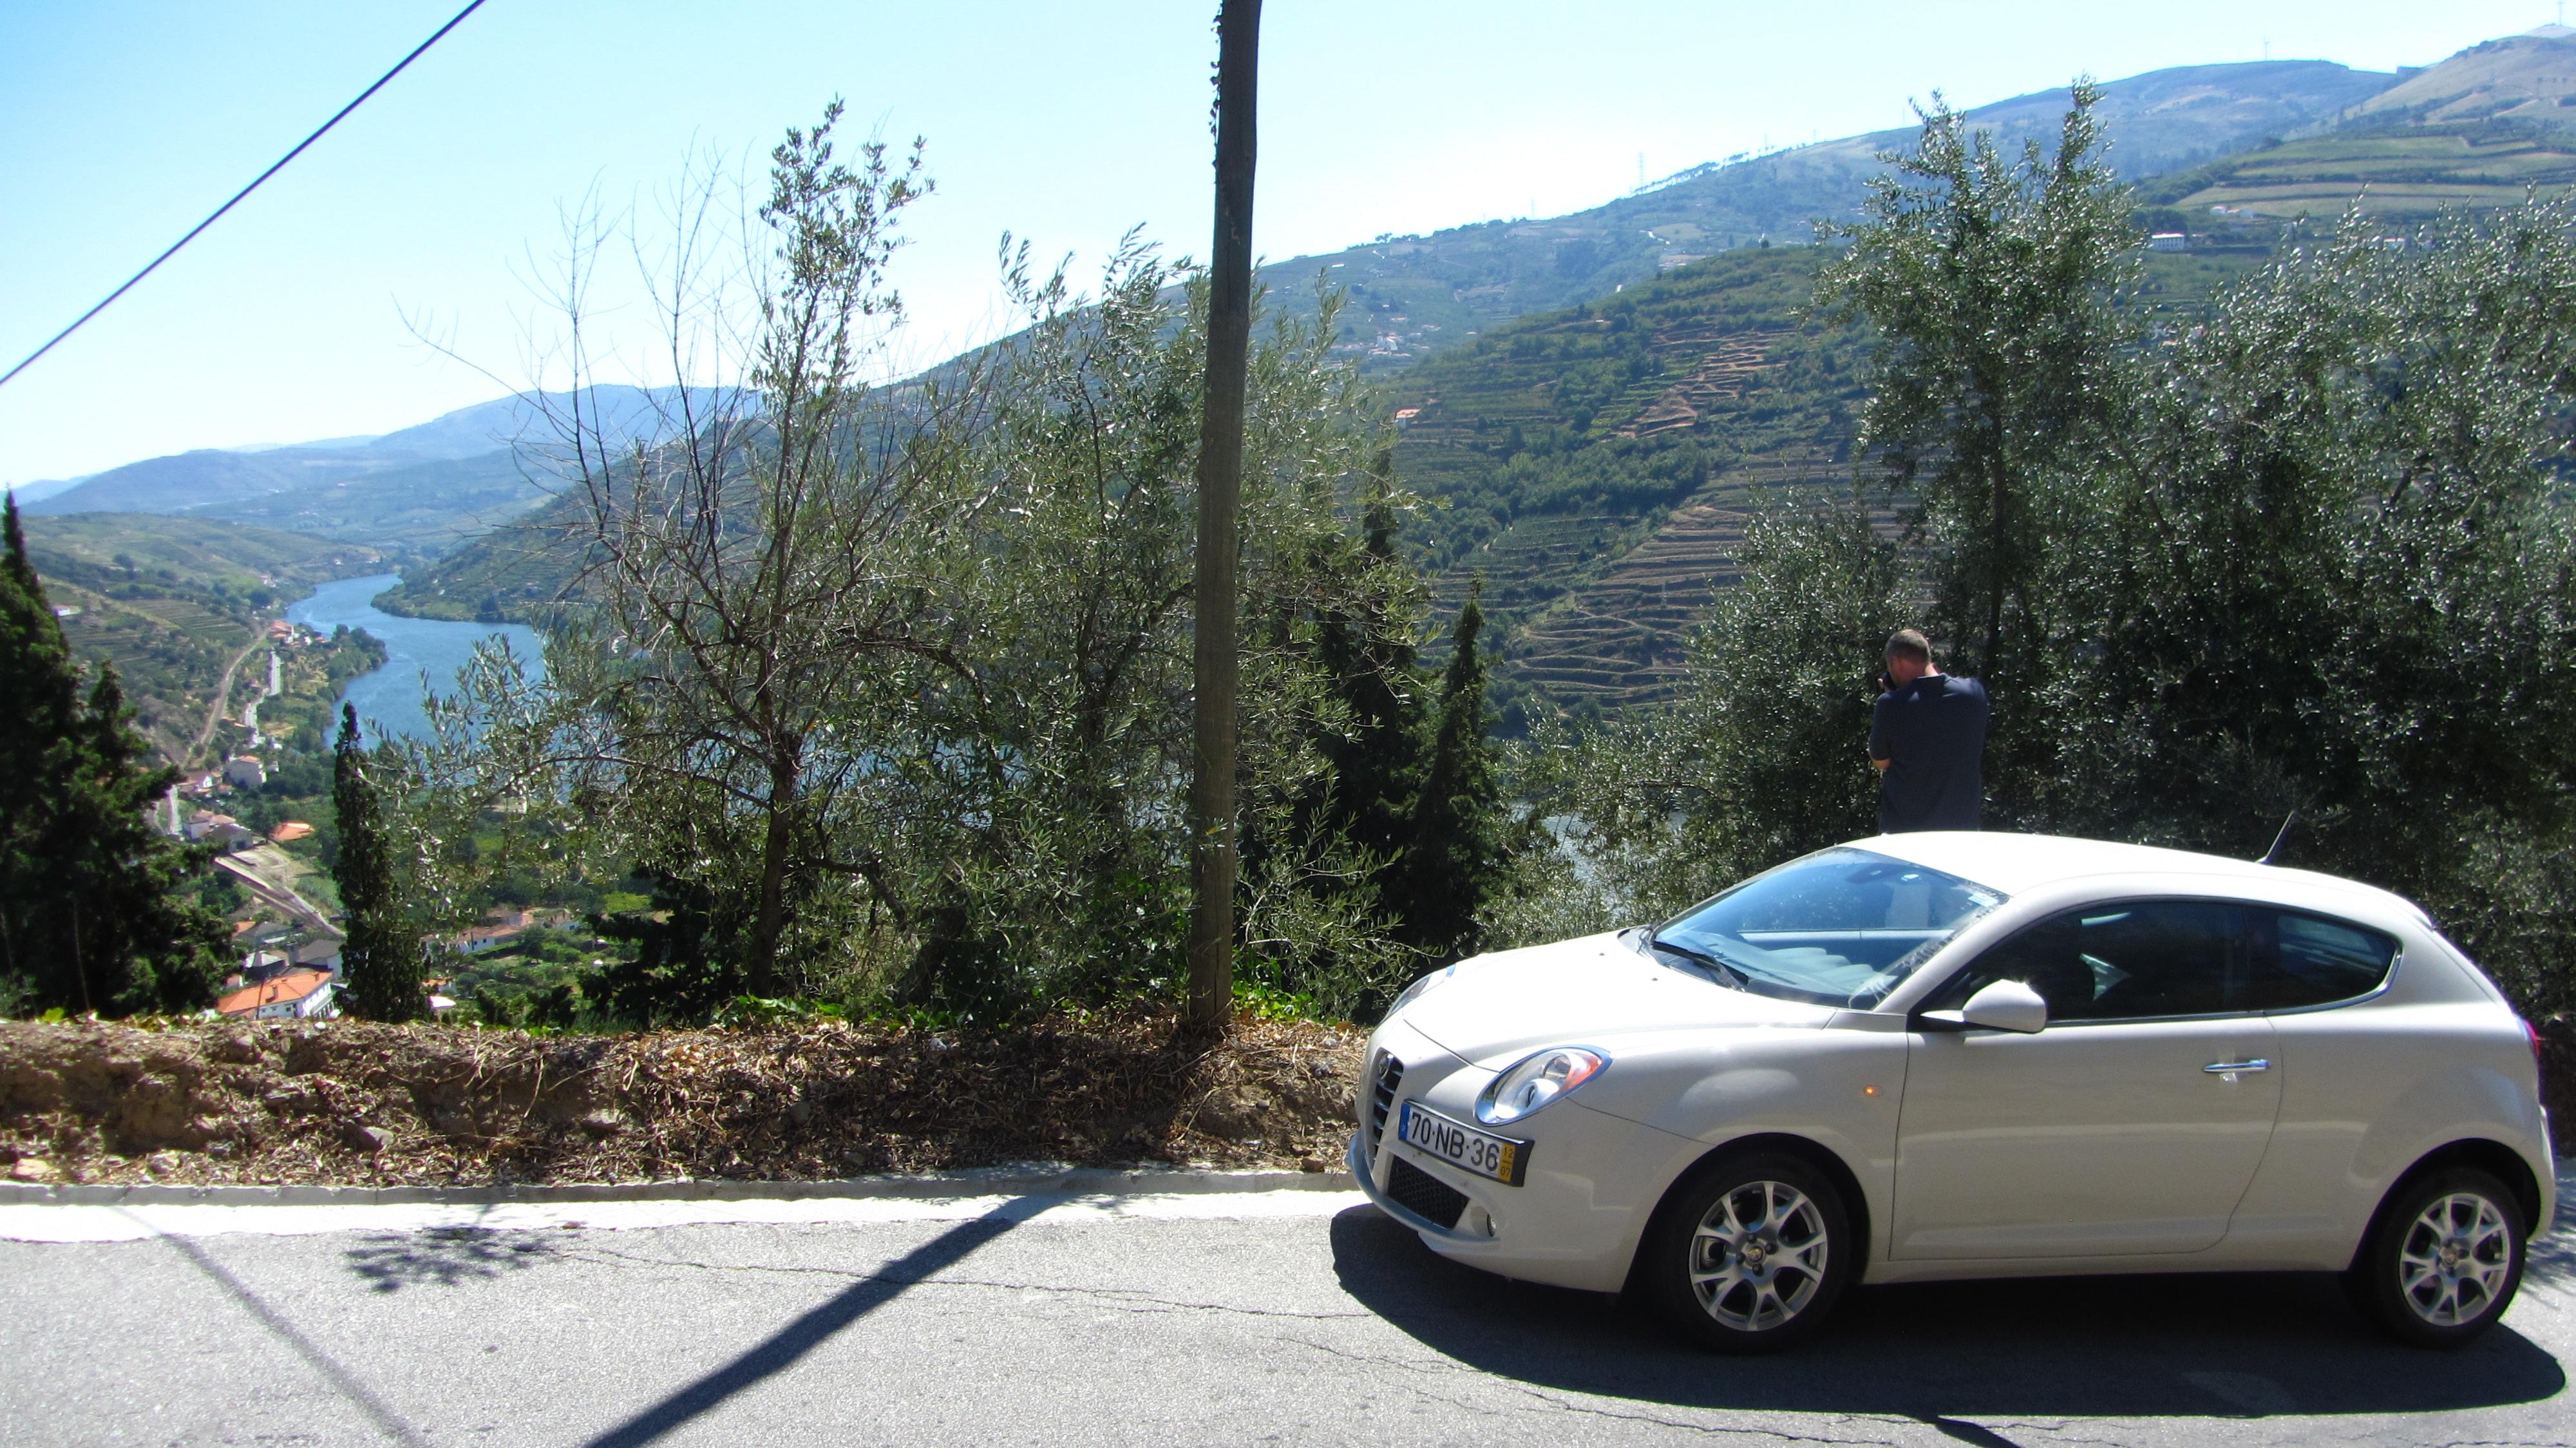 """file:"""" 12 - alfa romeo mito - italian sport car - our rental in"""